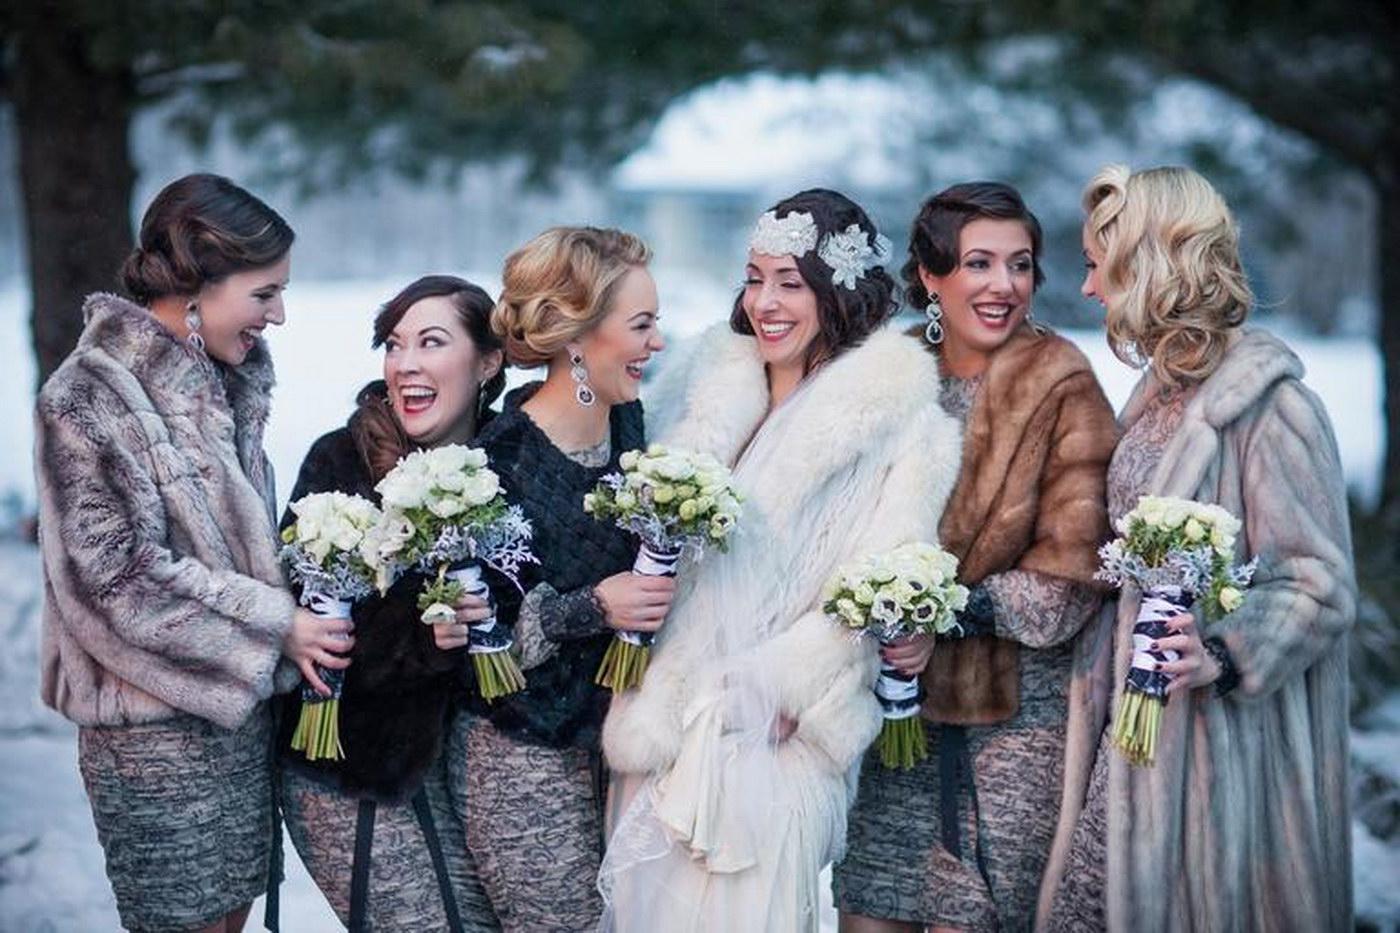 Fotografii artistice de nunta facute iarna